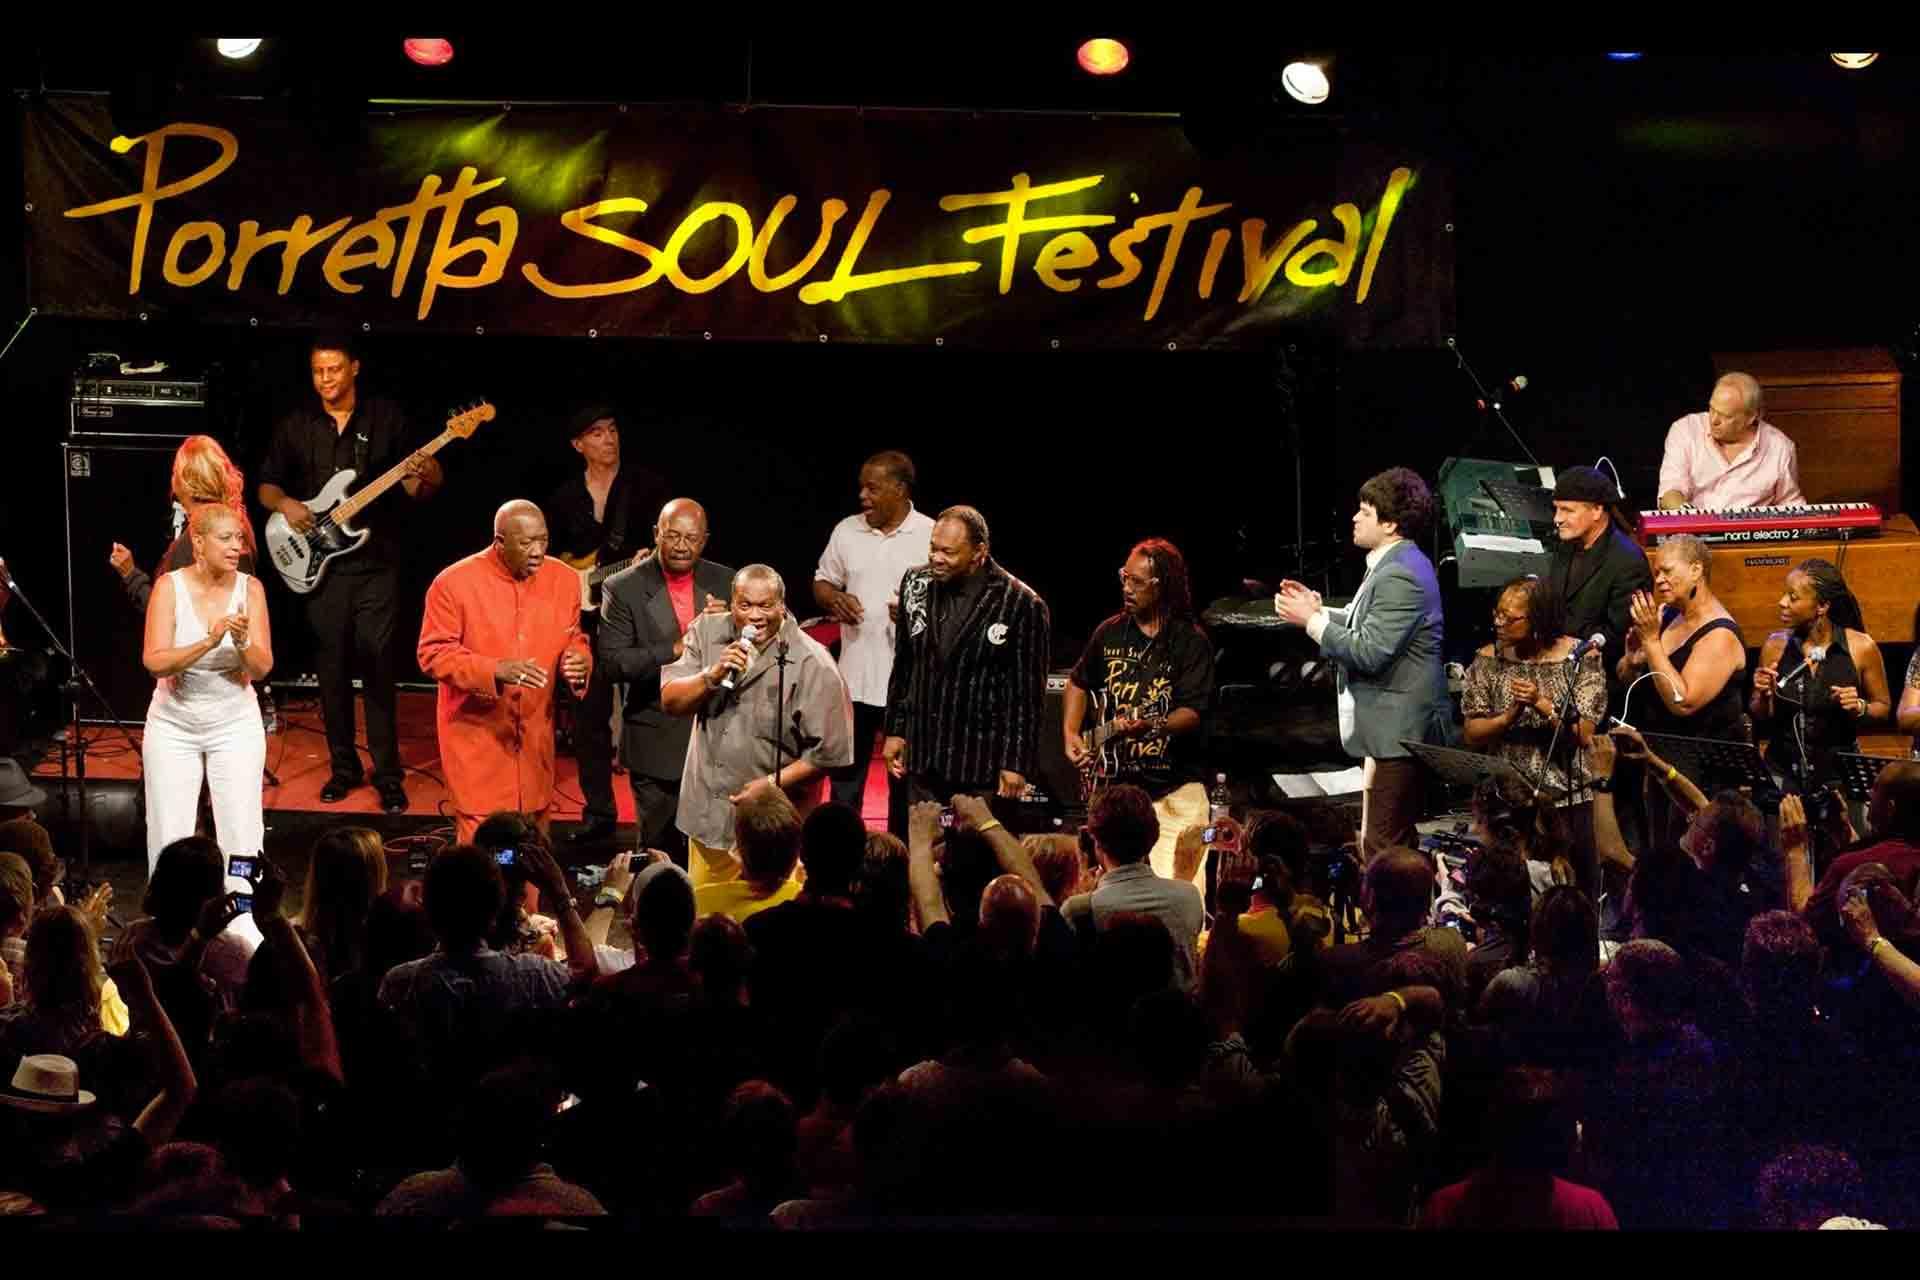 in treno al Porretta Soul Festival